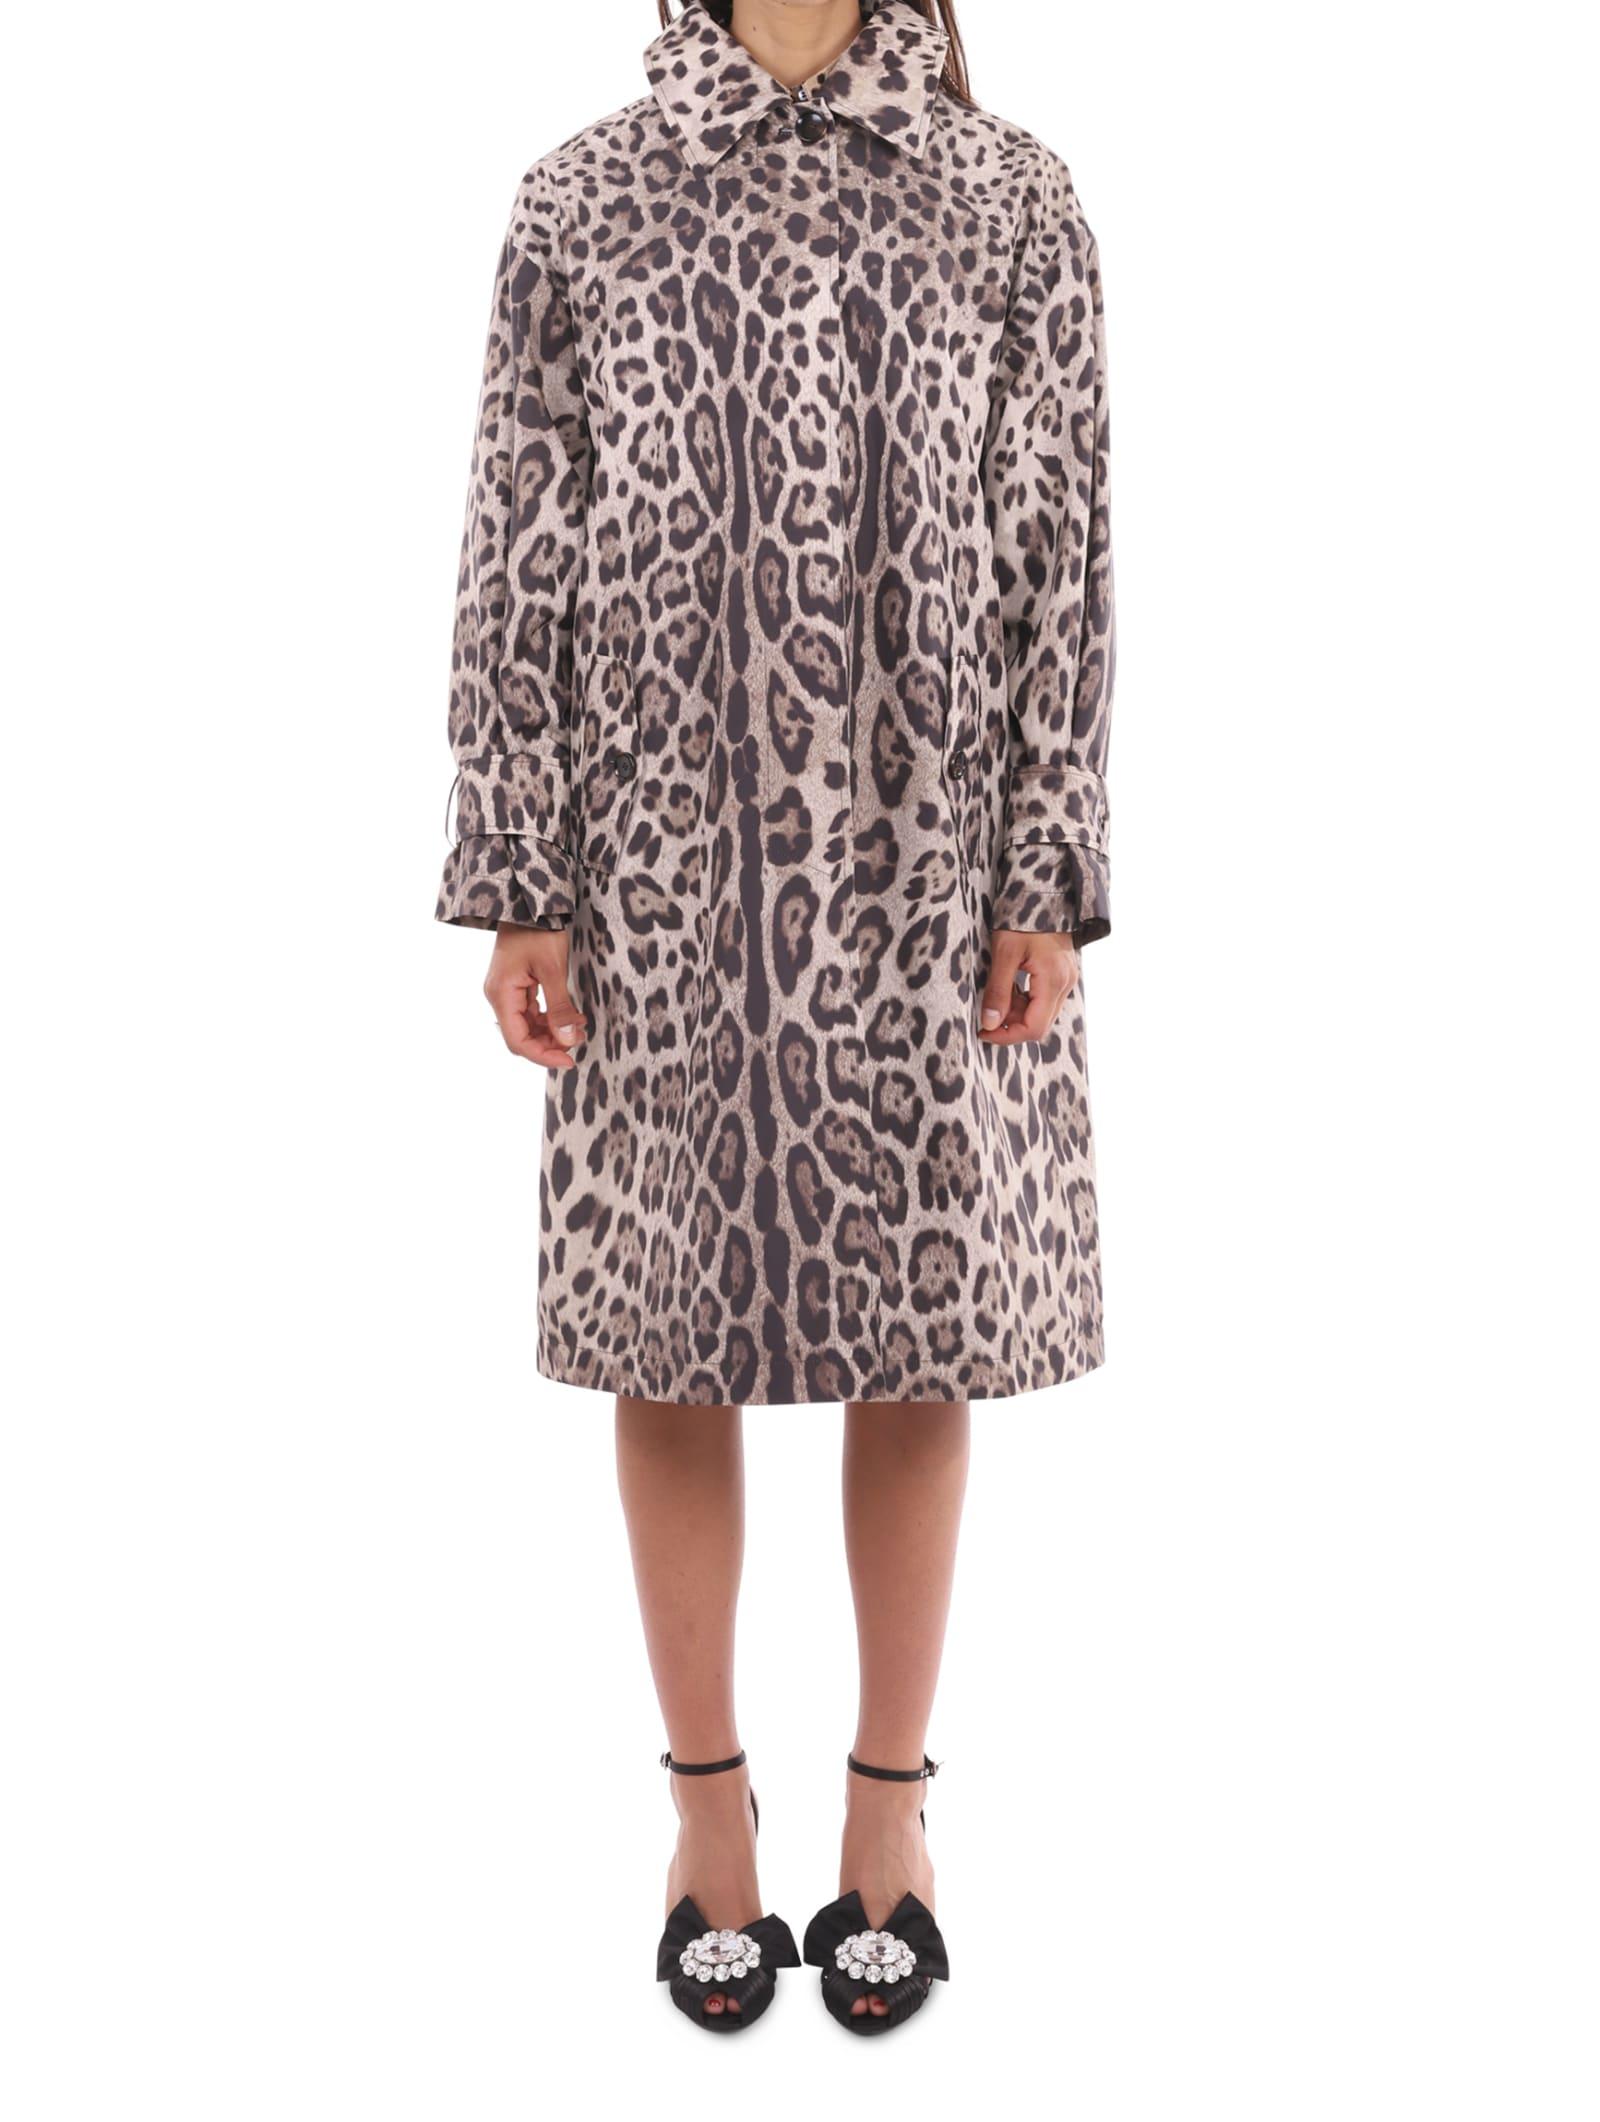 Dolce & Gabbana Leo Raincoat